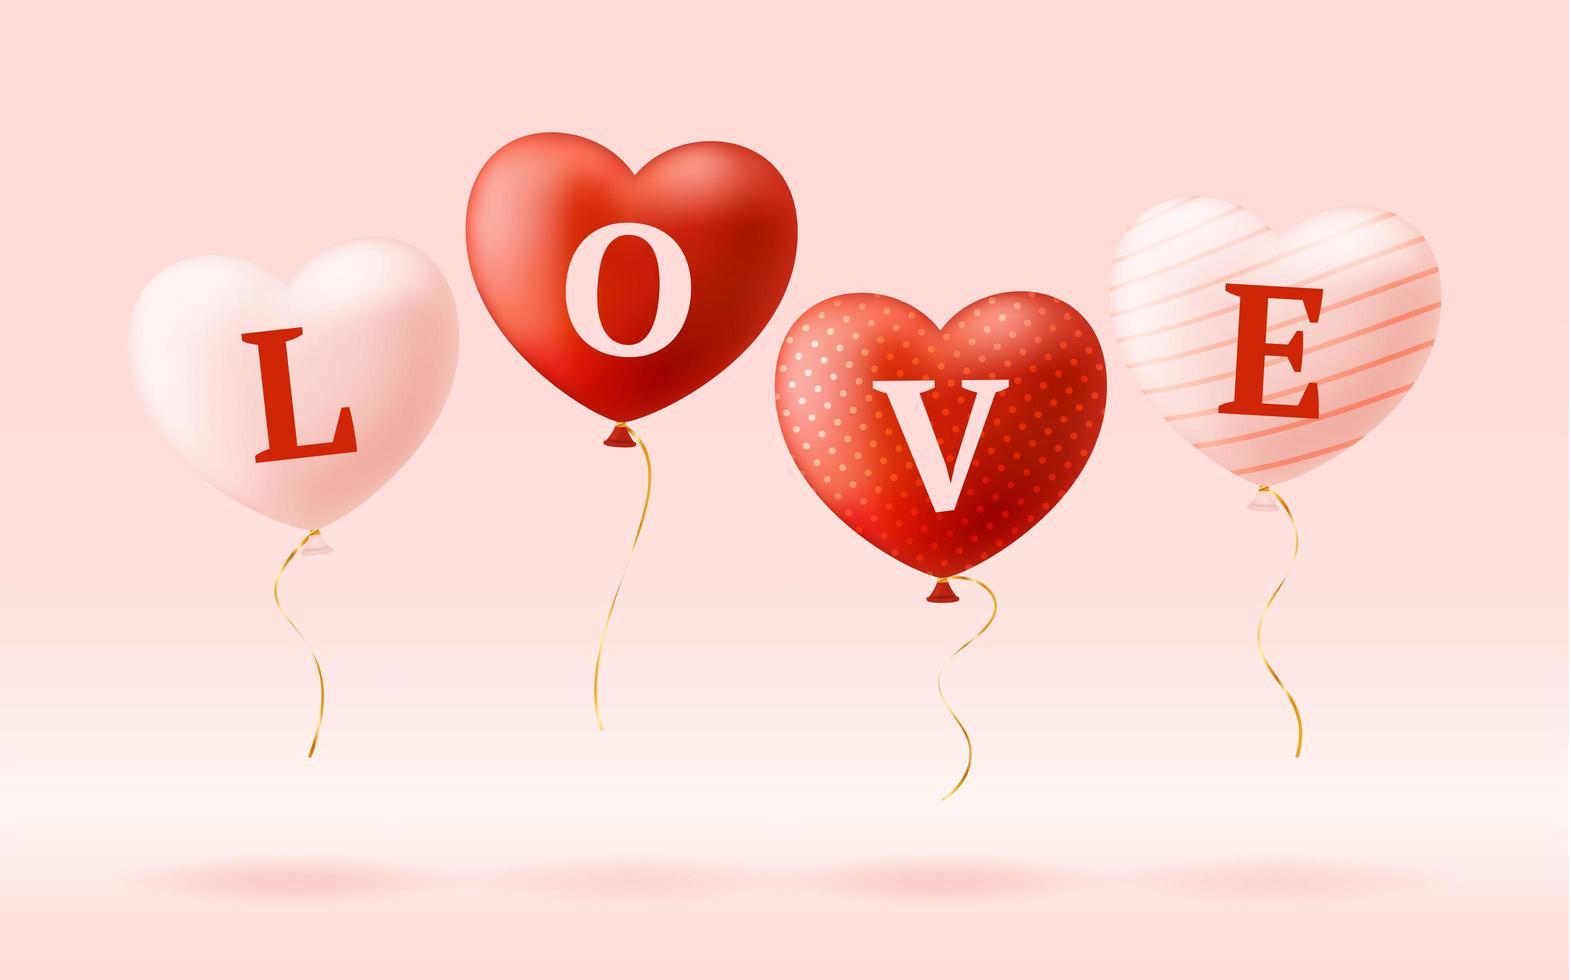 palavra de amor em balões de coração realistas vetor